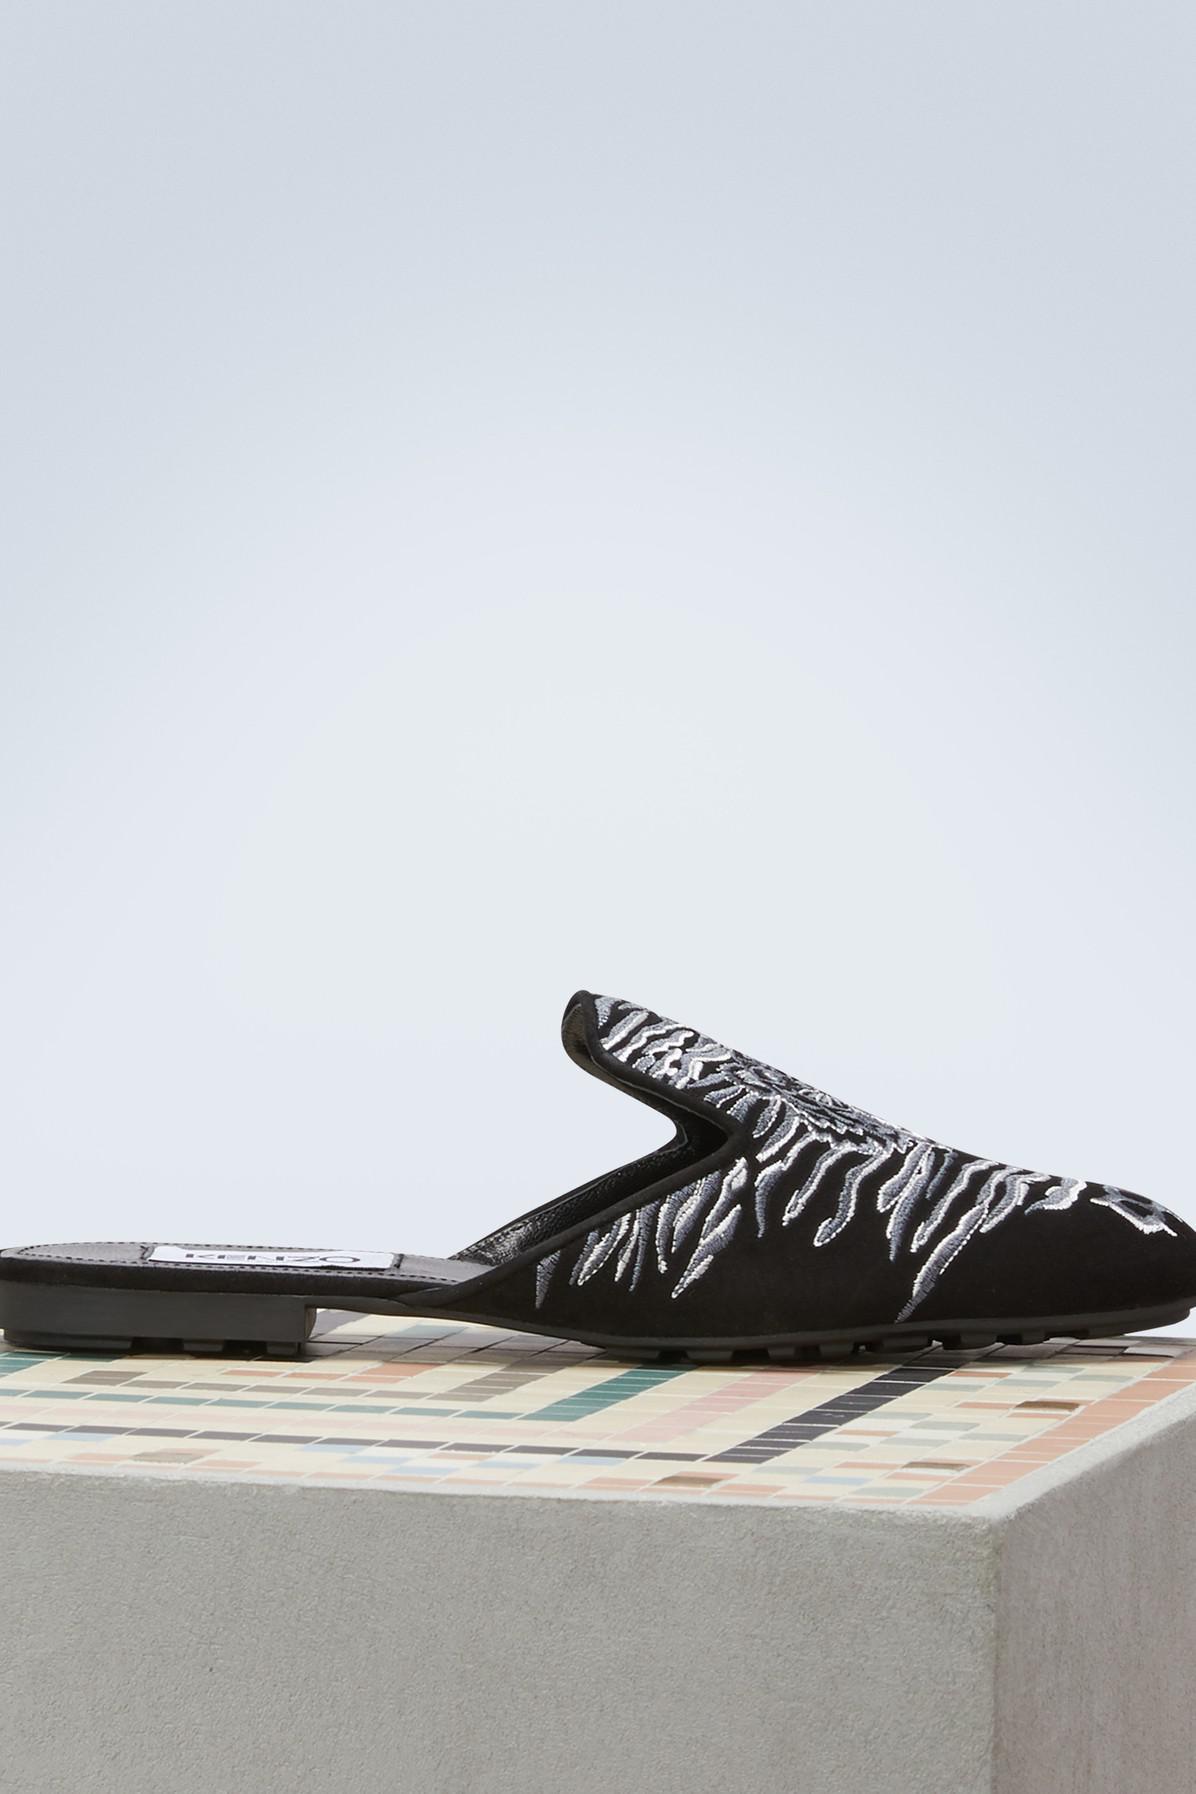 Kenzo Mules tête de Tigre en cuir Jeu Profiter Vente Pas Cher Édition Limitée Grande Vente Profitez Pas Cher En Ligne 99MWFn0c